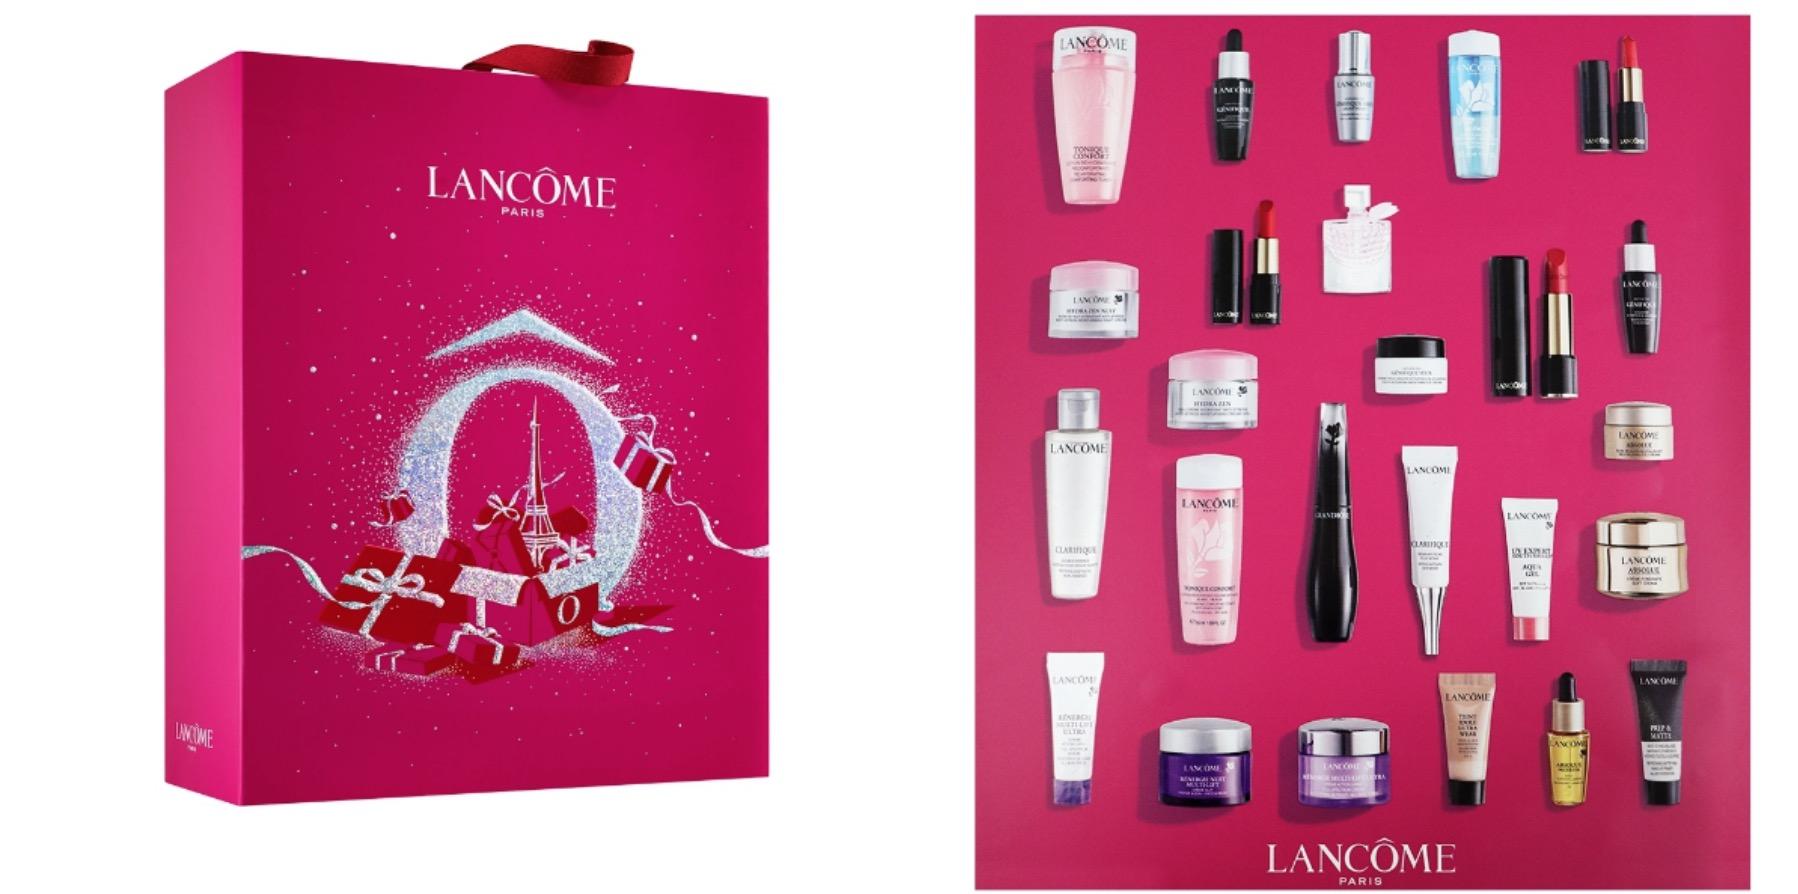 蘭蔻 2020聖誕倒數月曆,內含25個驚喜小禮,從保養到彩妝的經典人氣商品通通濃縮在這一盒倒數月曆裡,鐵粉必收。